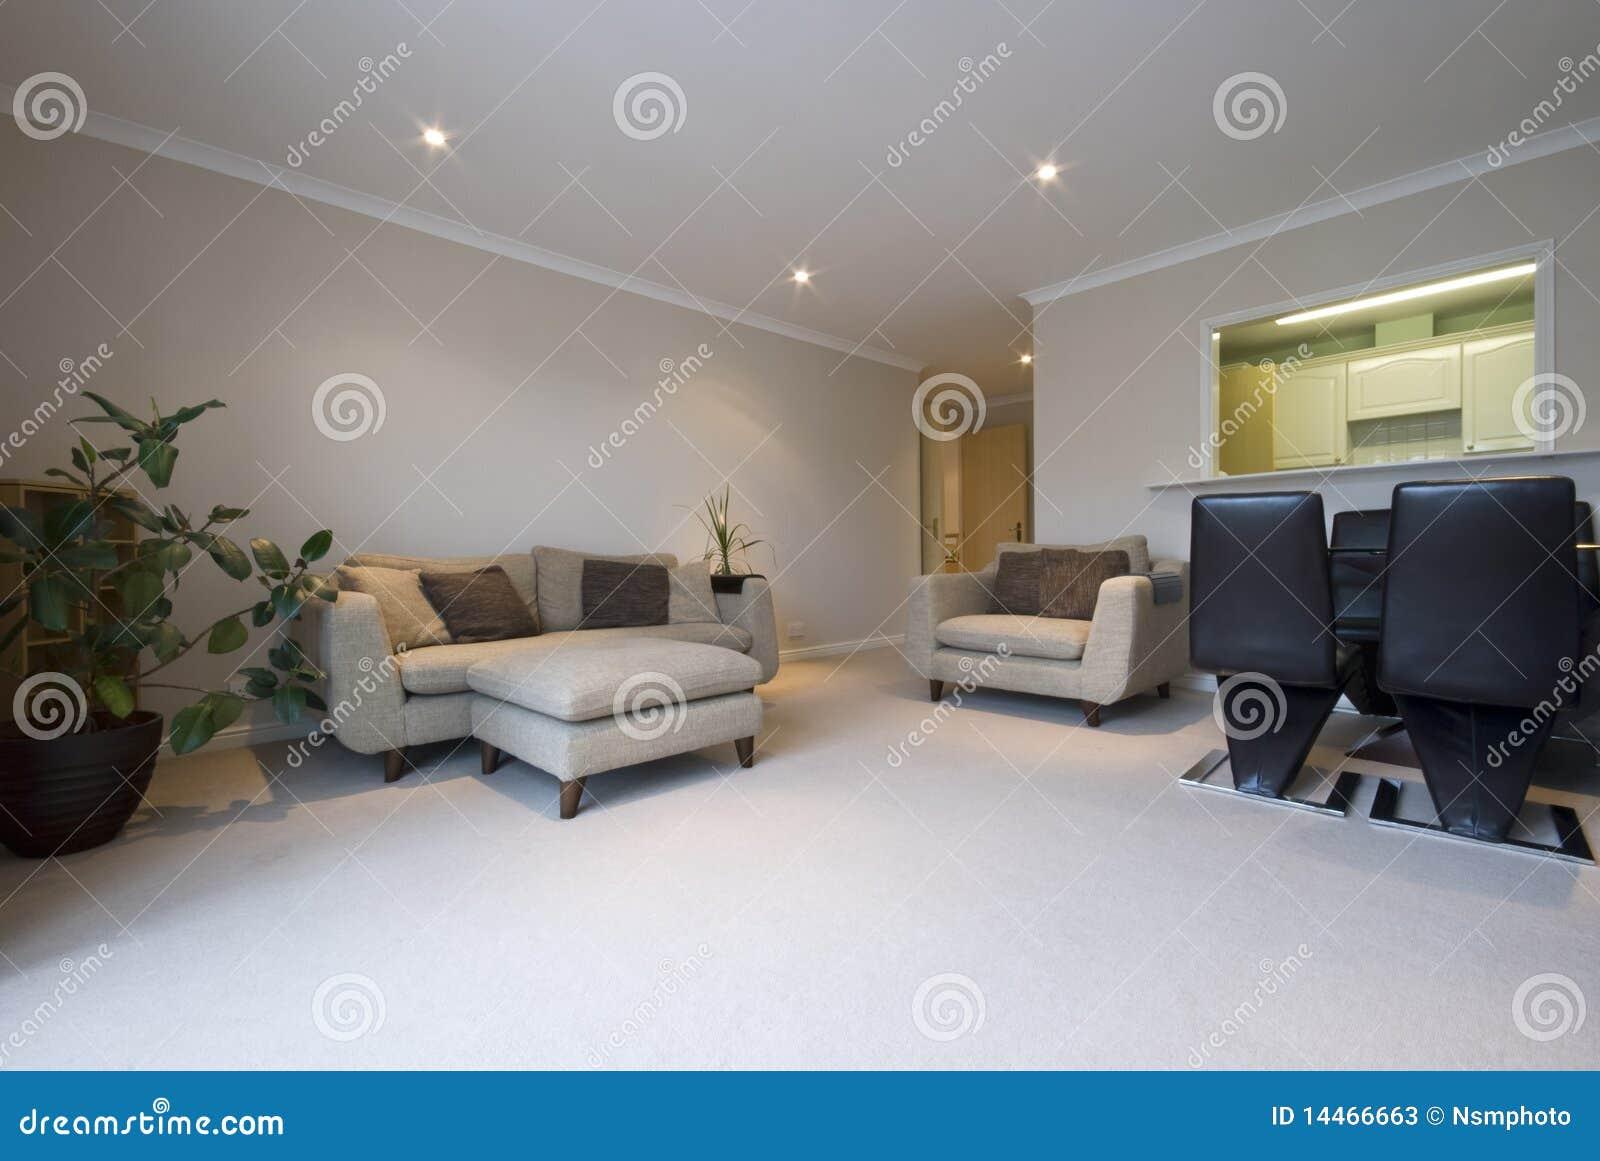 Sala de estar moderna con muebles contempor neos fotos de for Muebles para sala de estar modernas